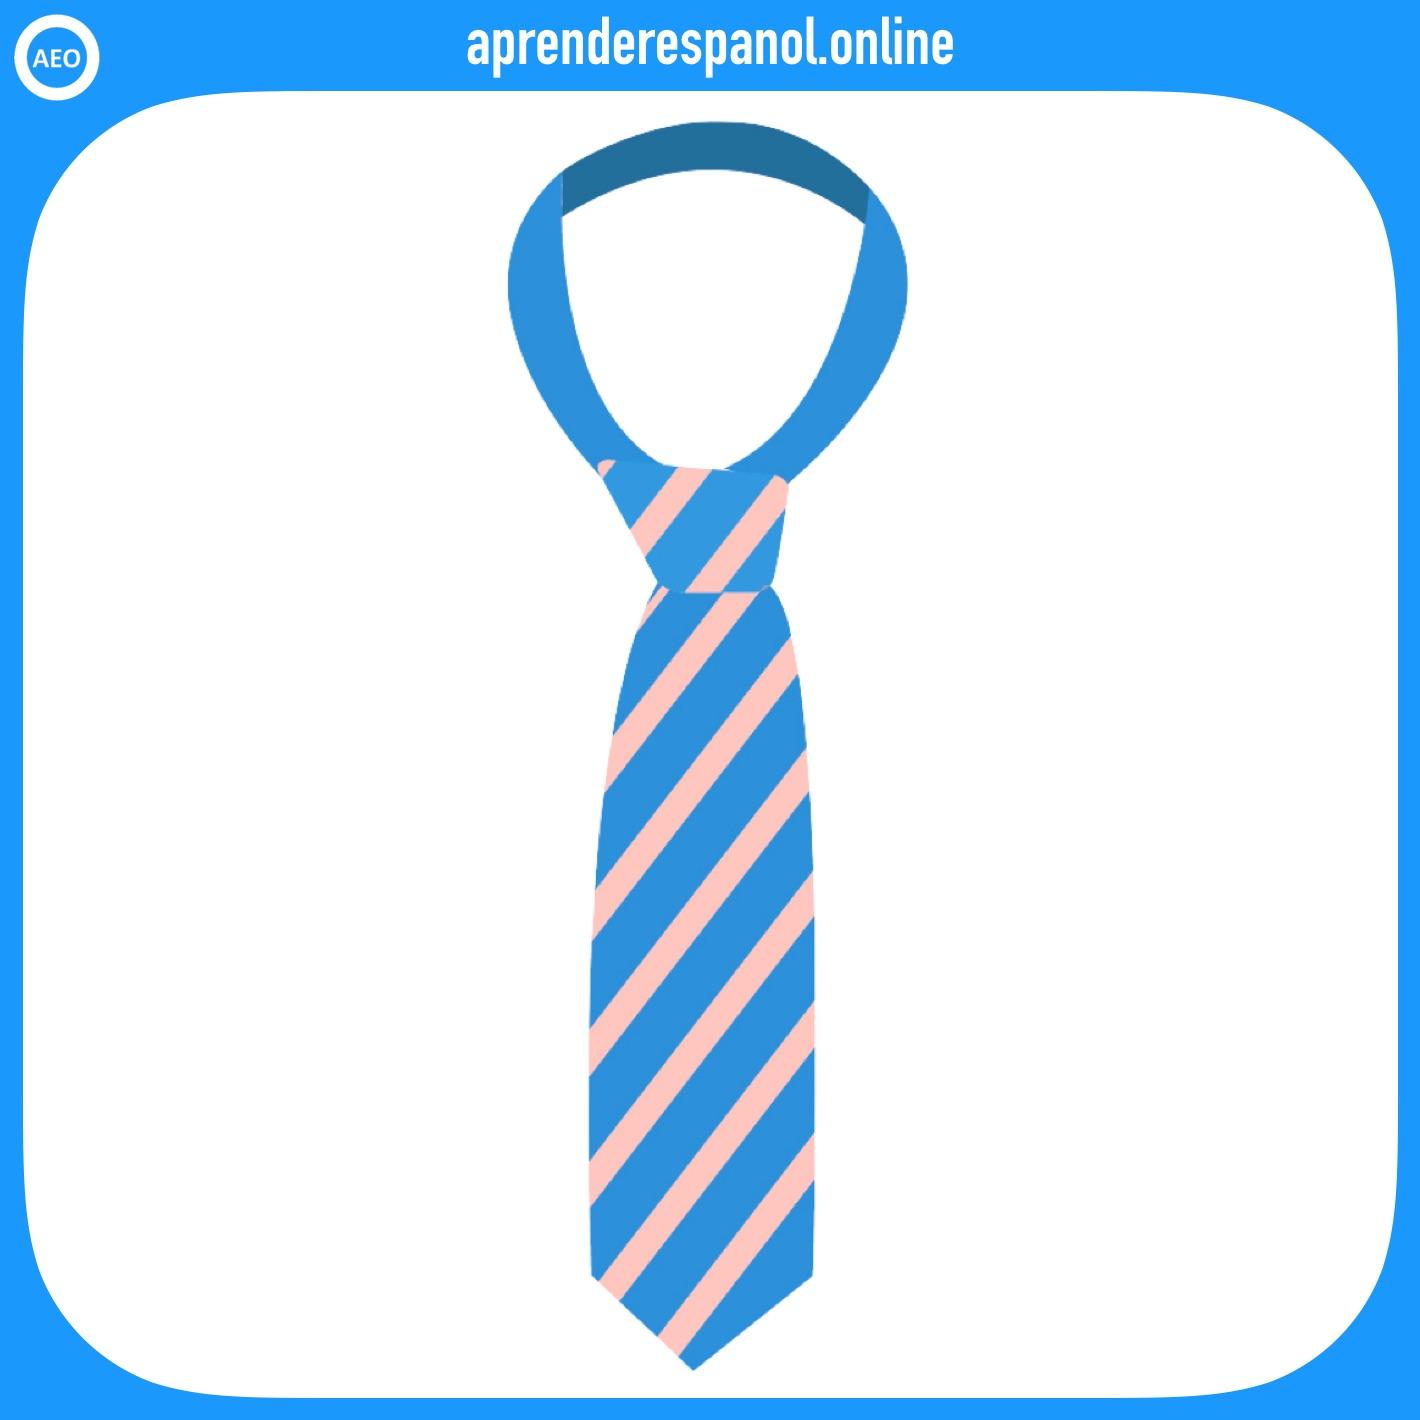 corbata | ropa en español | vocabulario de la ropa en español